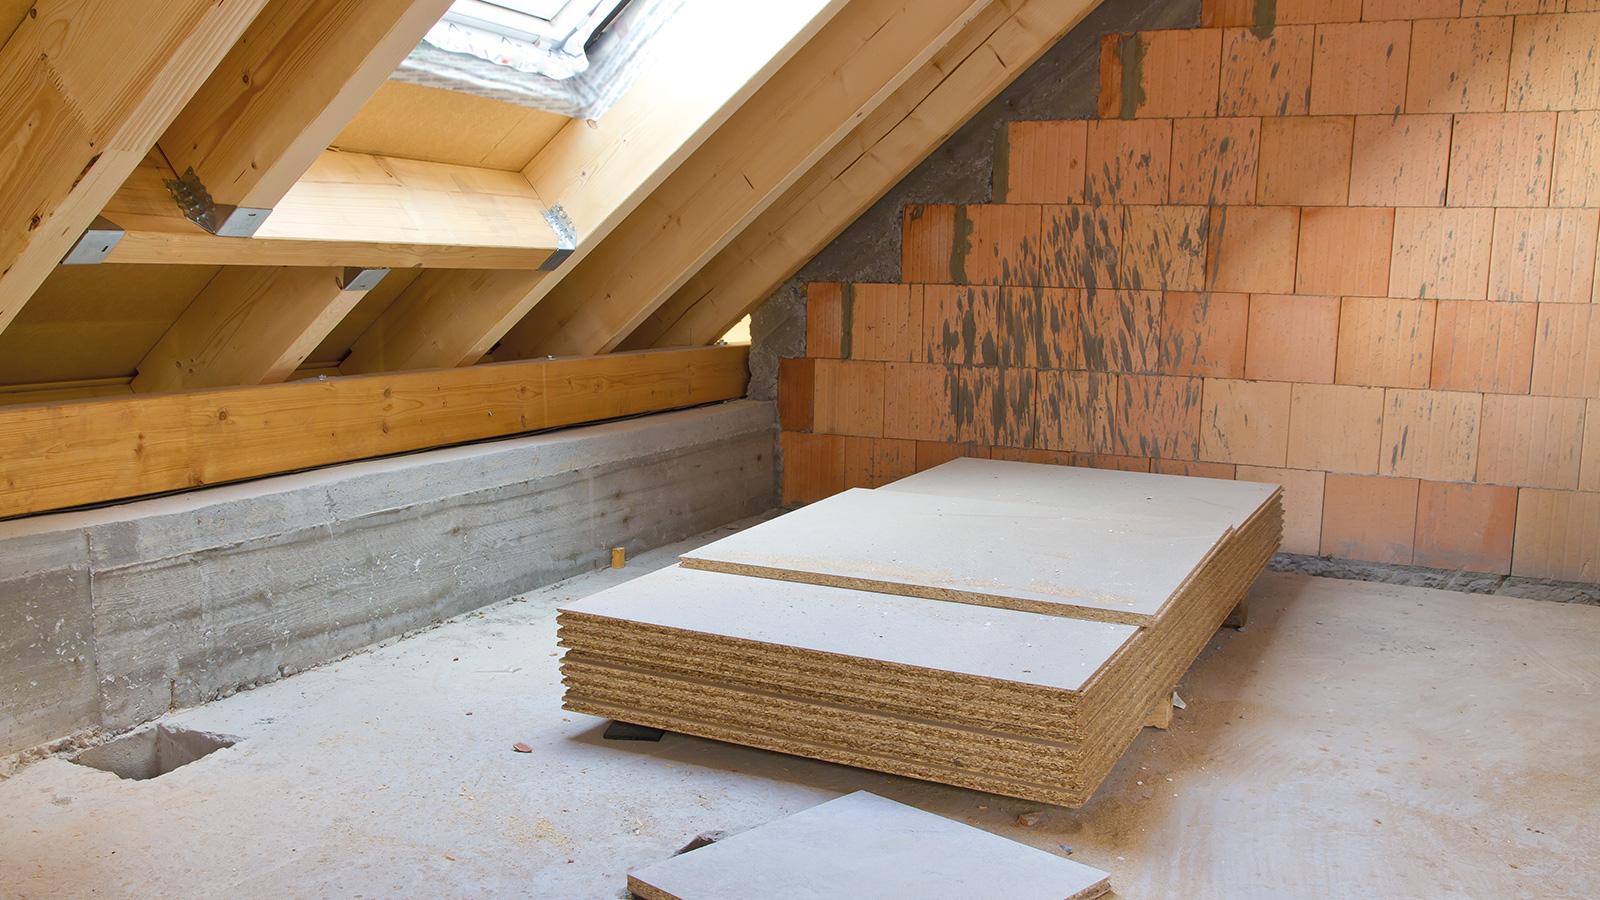 usb platten streichen free osb streichen osb platten streichen wandfarbe kleister vergilbt. Black Bedroom Furniture Sets. Home Design Ideas